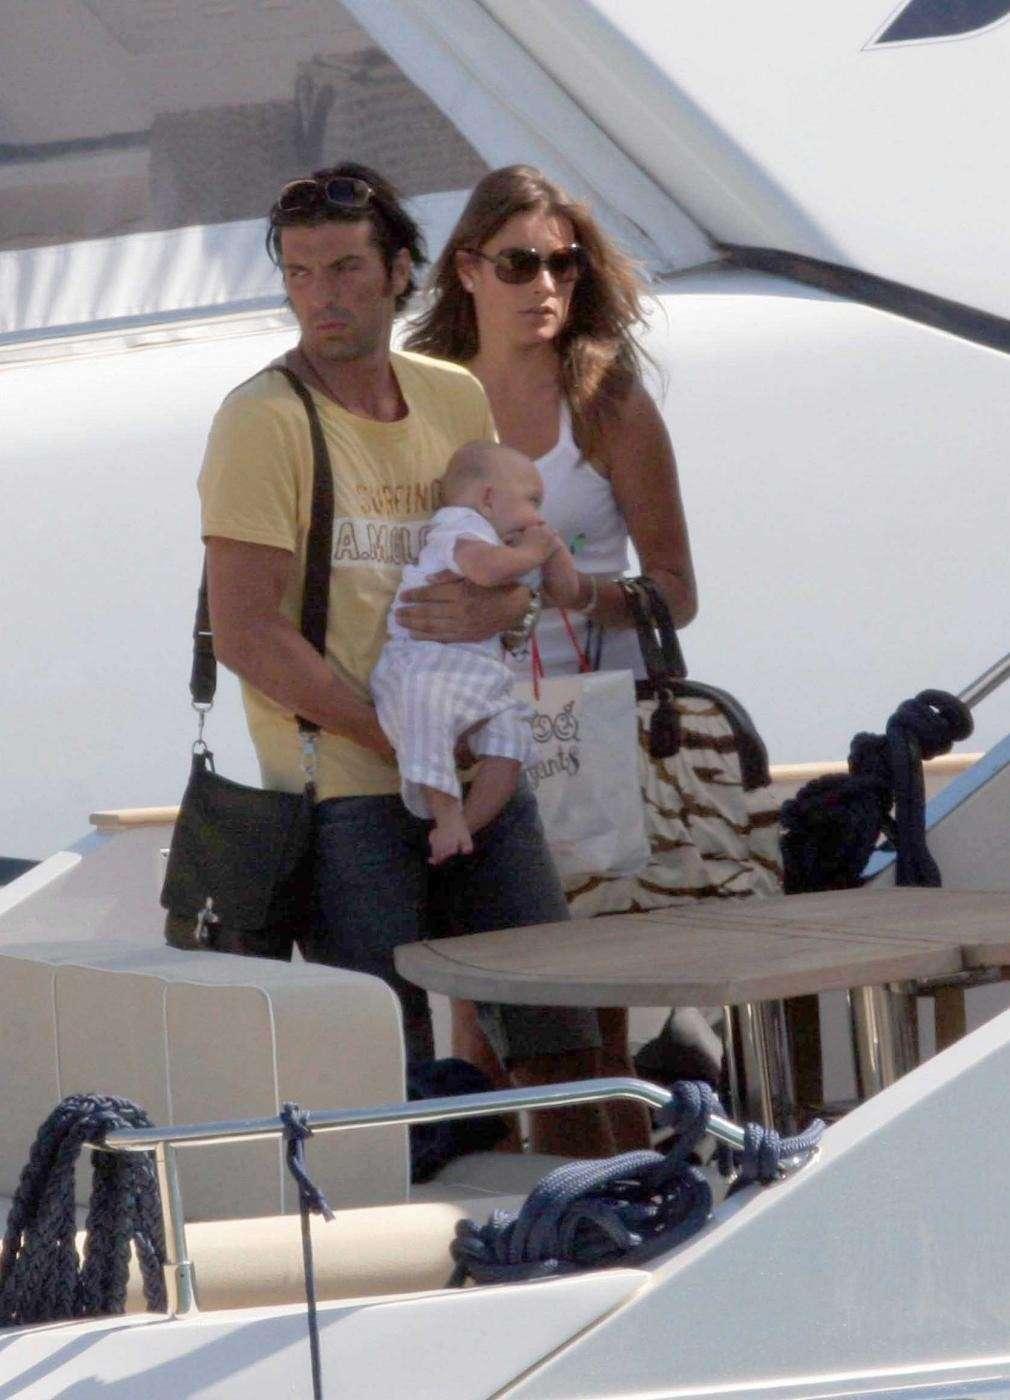 Il portiere della Nazionale e la moglie con il figlio sullo yacht